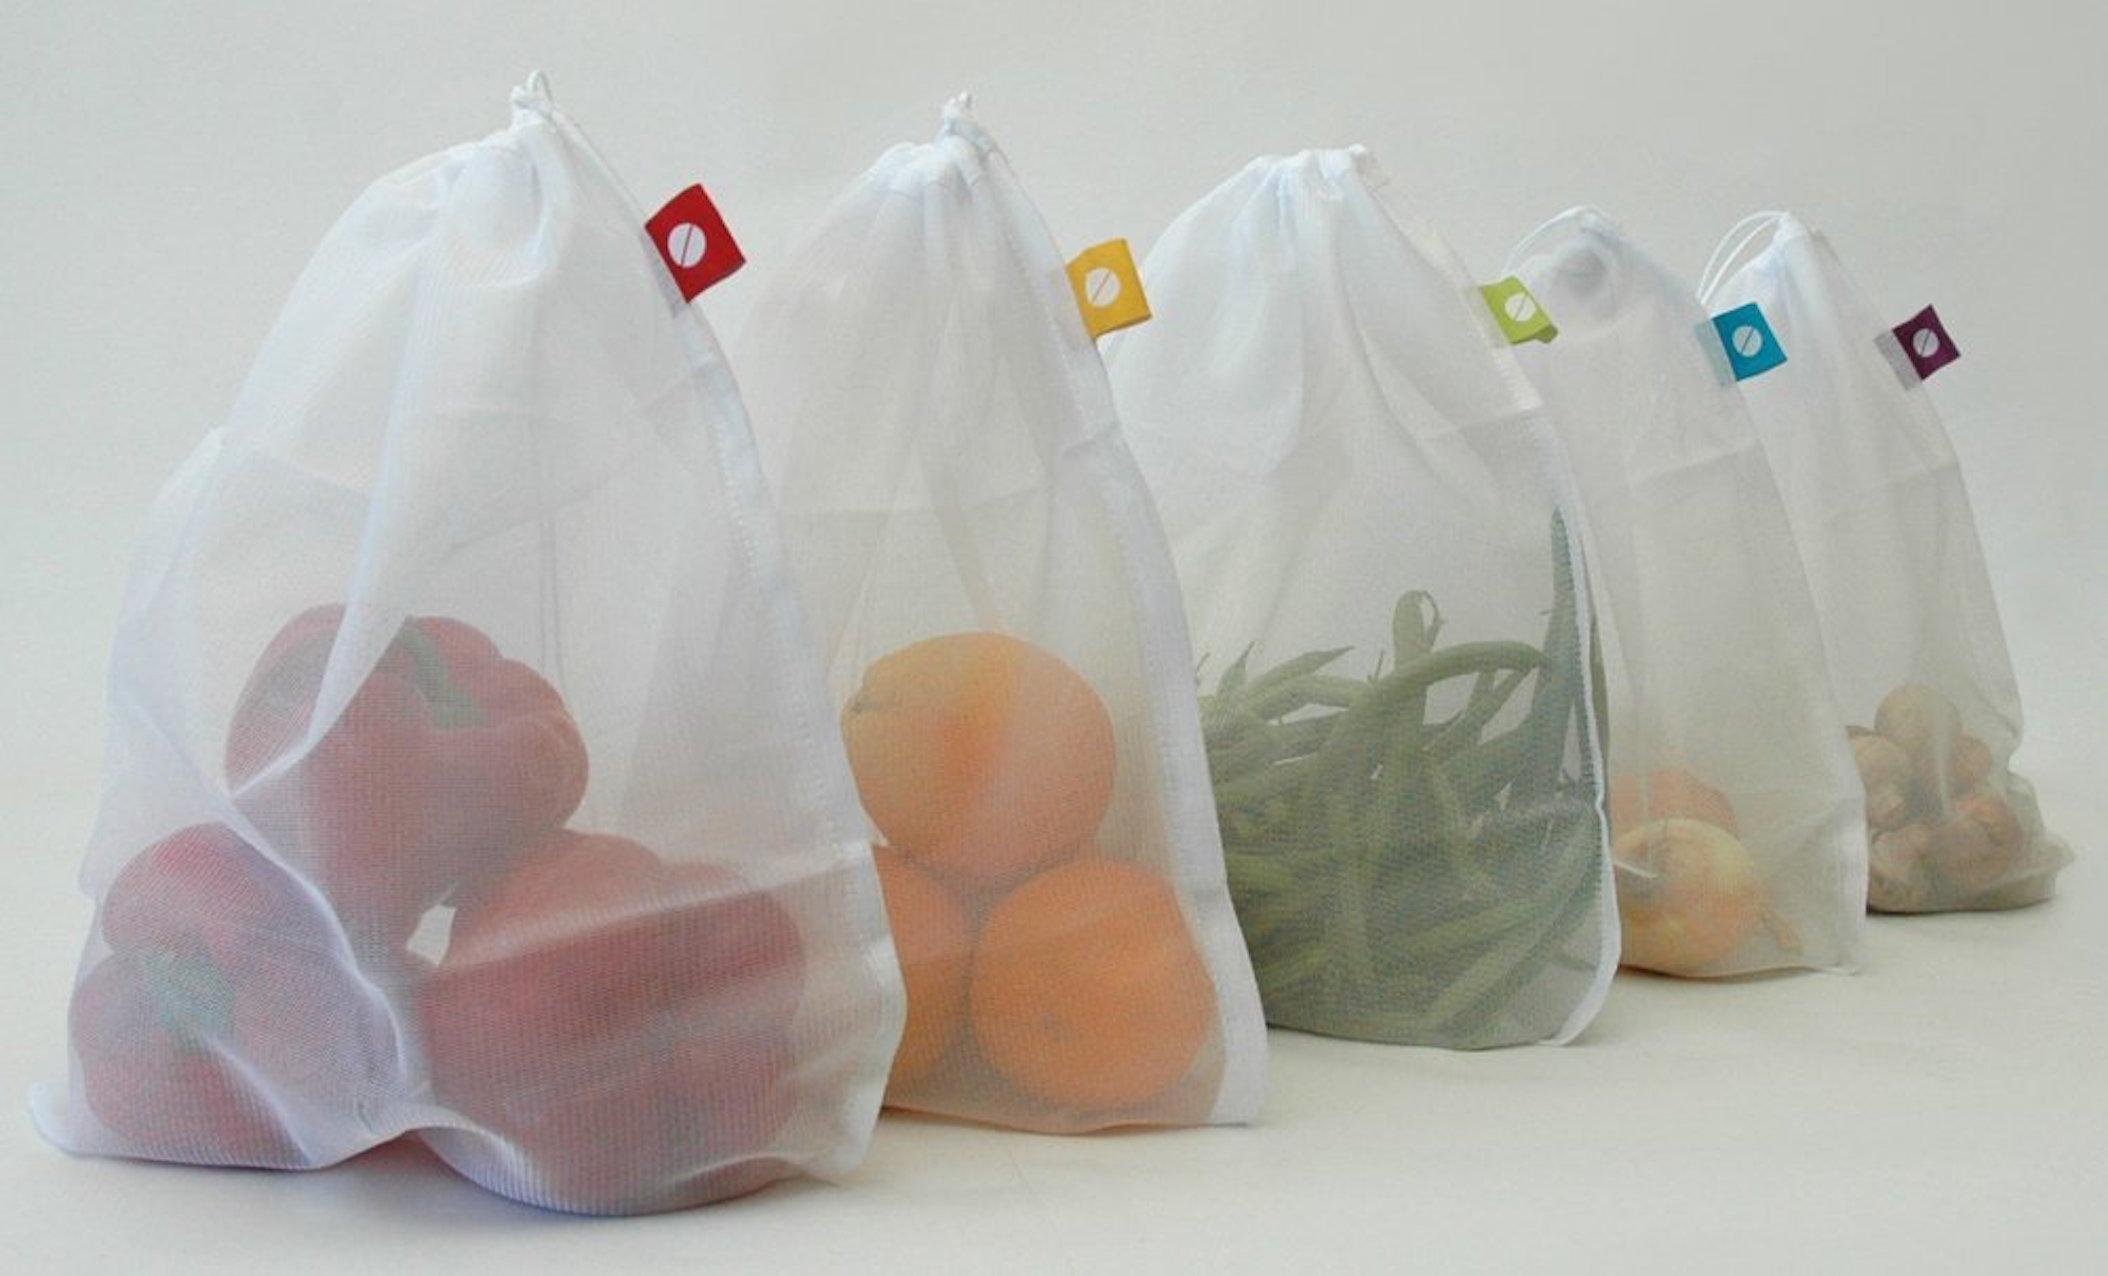 У гіпермаркетах METRO з'явилися еко-торби для продуктів